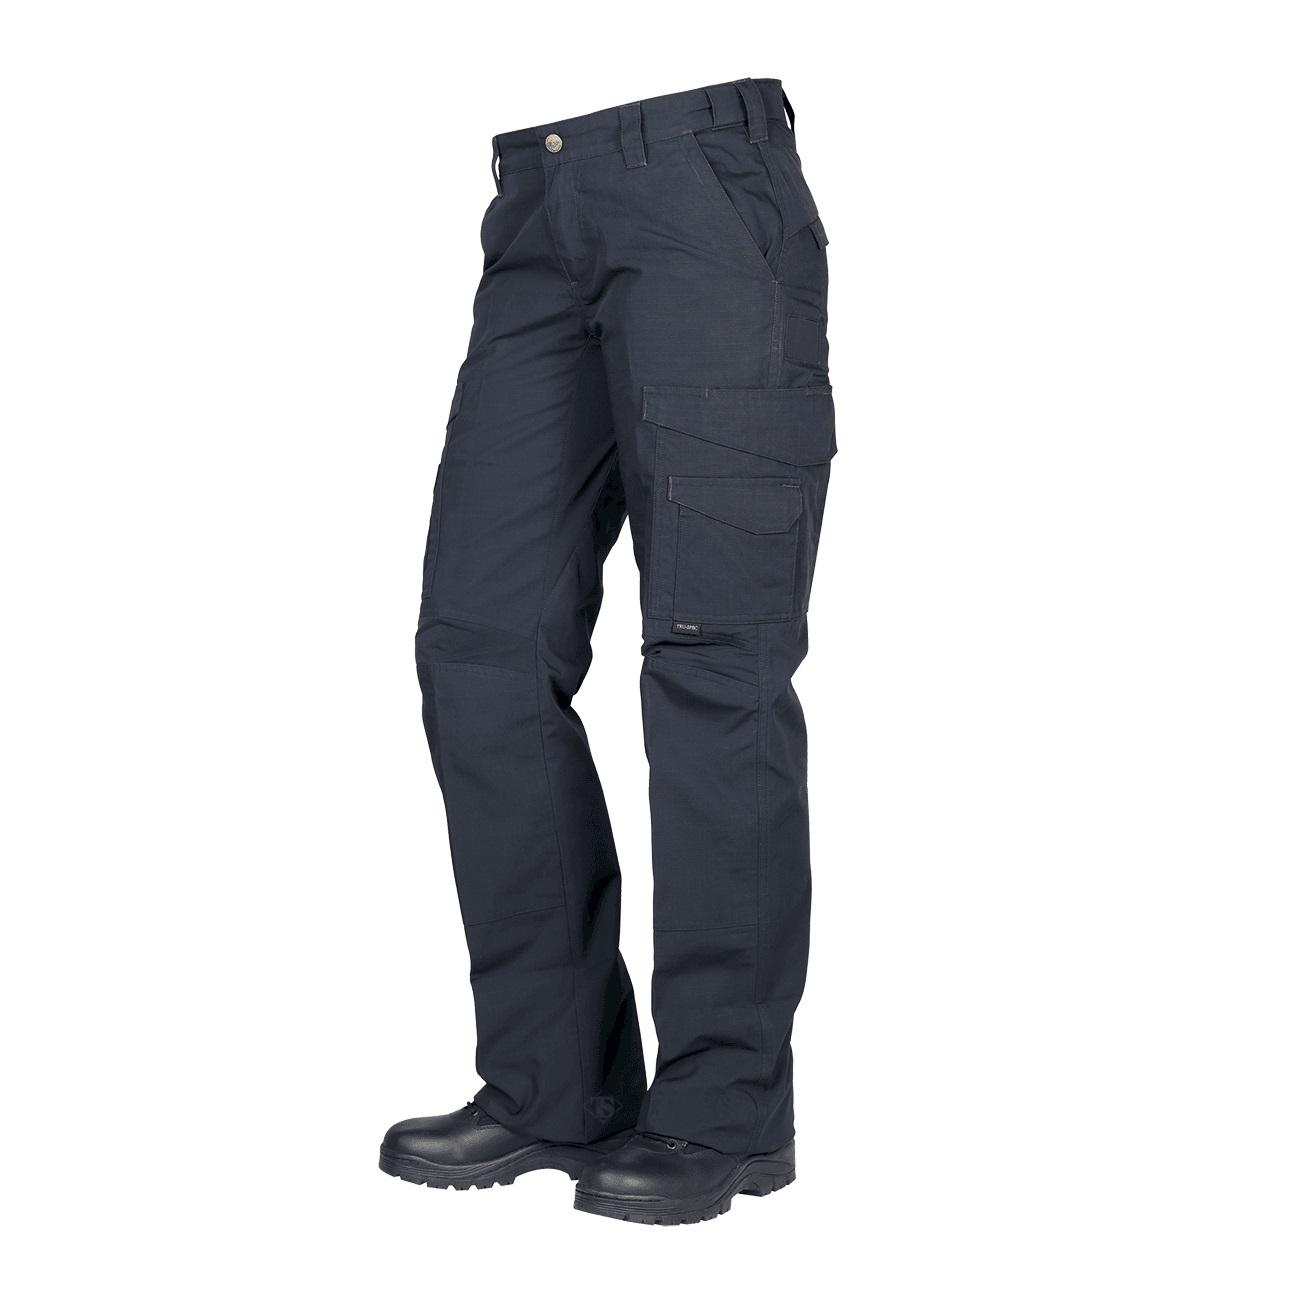 Kalhoty dámské 24-7 SERIES® PRO FLEX rip-stop MODRÉ - zvìtšit obrázek